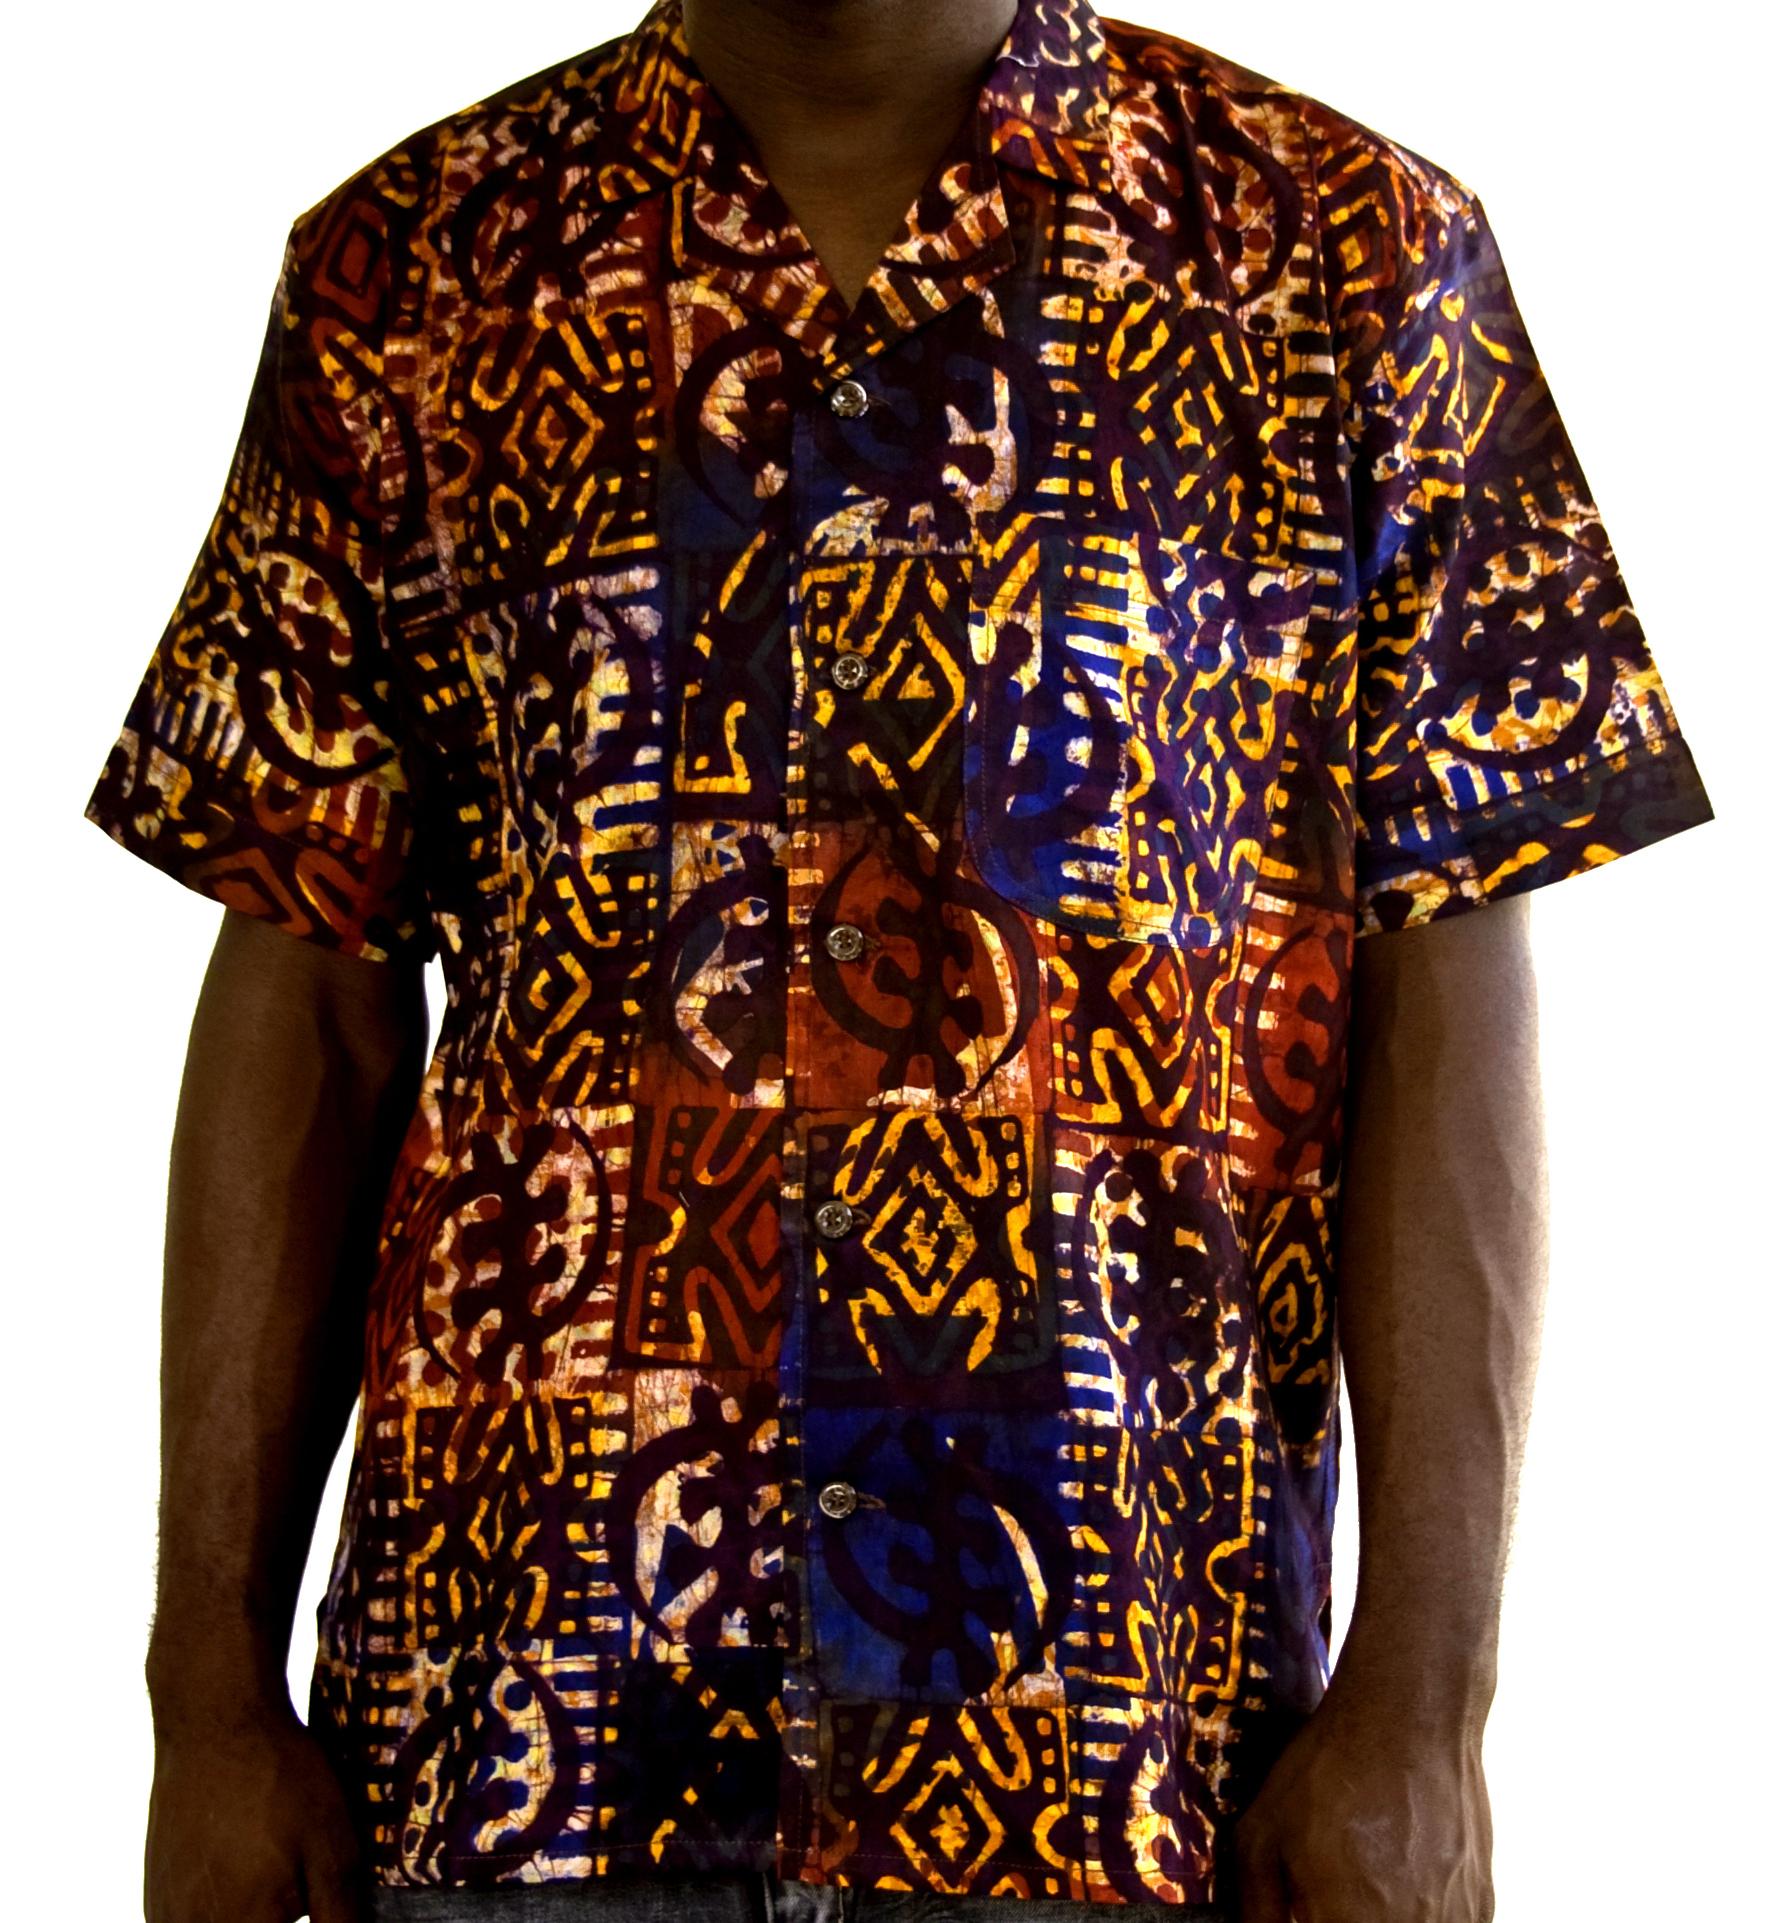 M-shirt-006.jpg